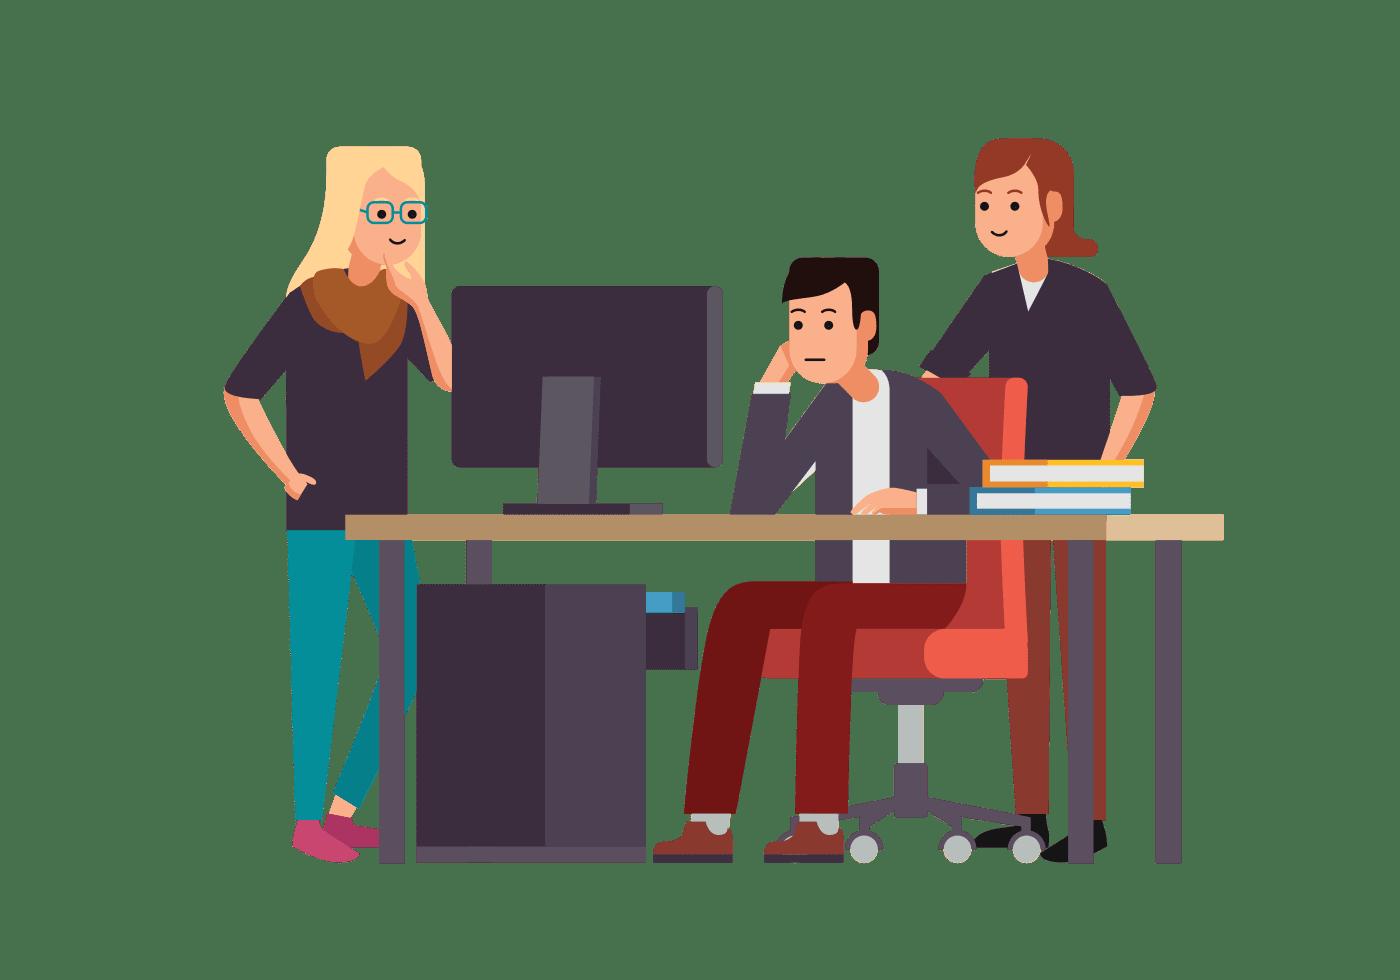 hjemmeside webdesign